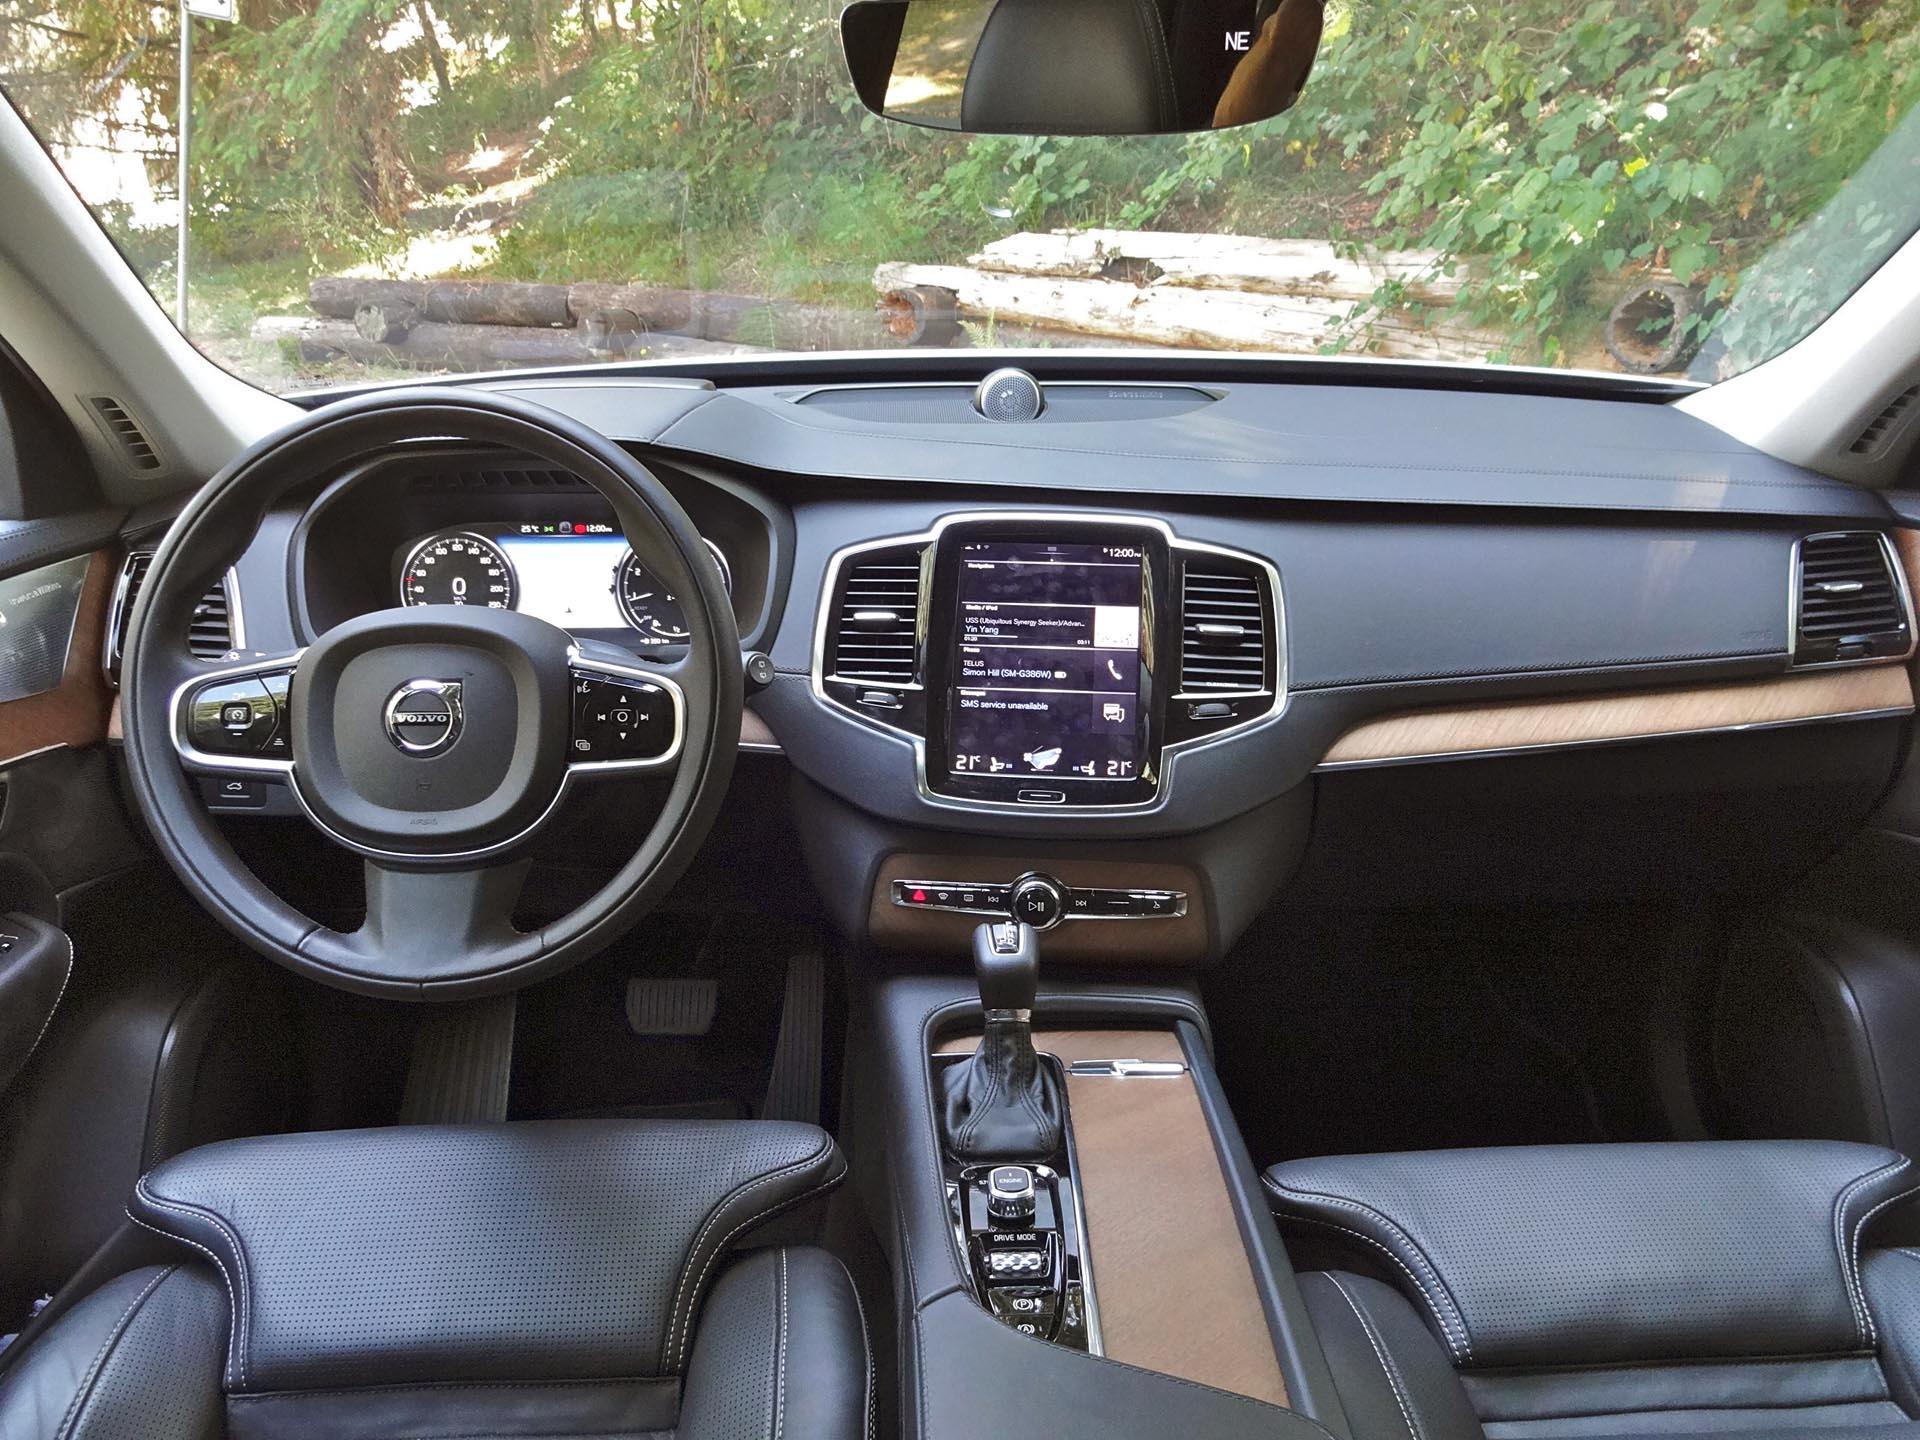 Mazda Xc 9 2005